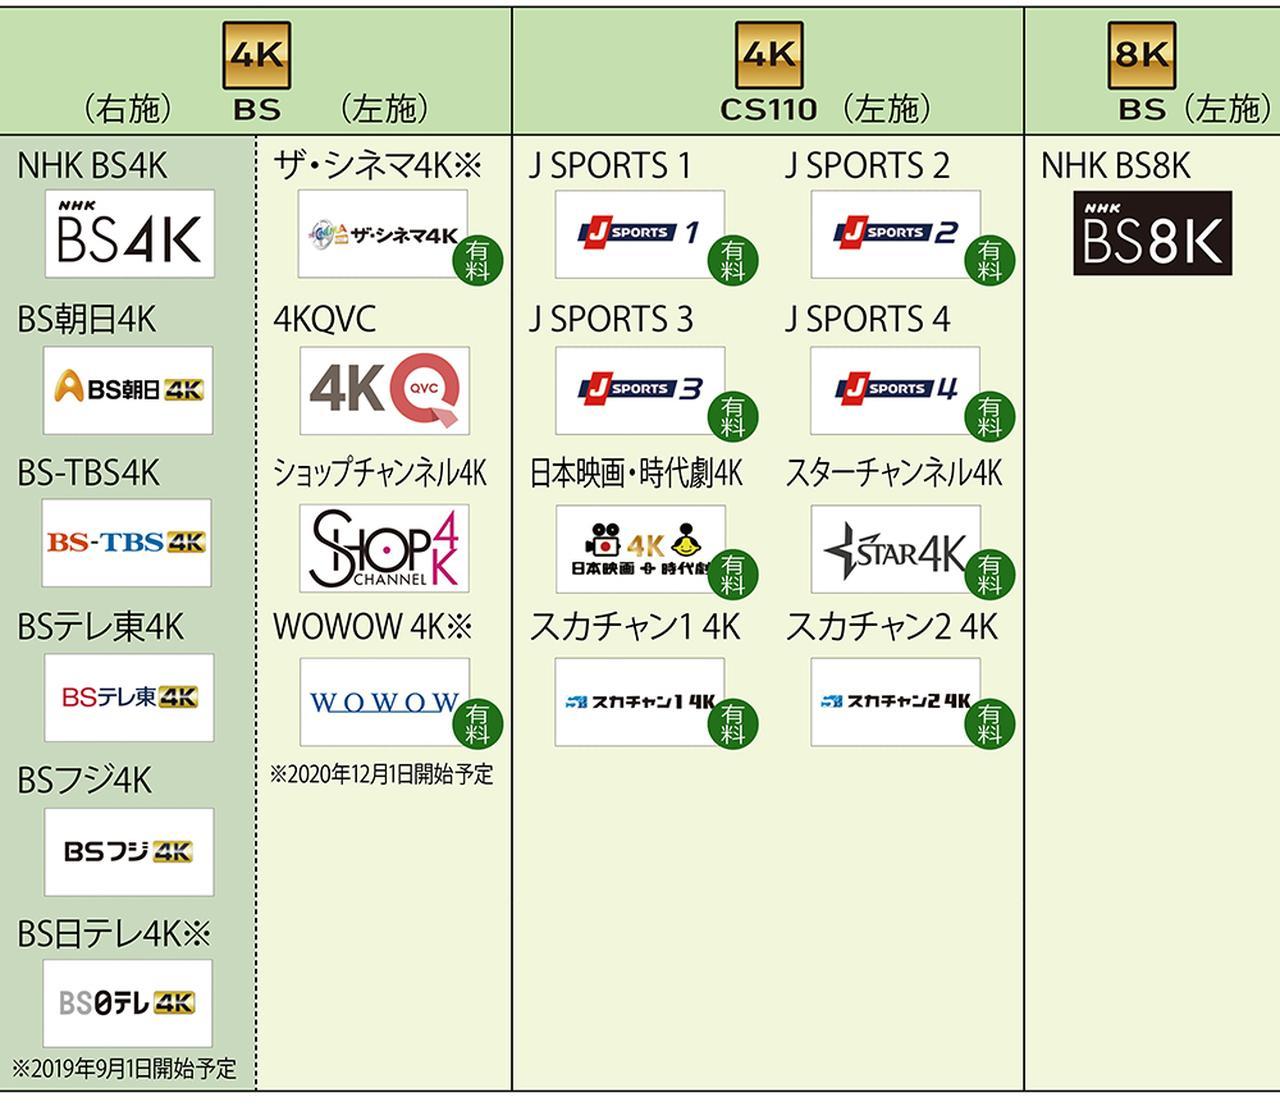 画像: 新4K8K衛星放送は、BS右旋でNHK(4K)と民放キー局の5チャンネルと、BS左旋でNHK(8K)、ザ・シネマ、QVC、ショップチャンネル、WOWOWの5チャンネル、さらには110度CS左旋で8チャンネルという、計19チャンネル(NHK8K以外は4K放送)構成。BS右旋放送は、既存のBS受信設備と4Kチューナーで受信可能だ。